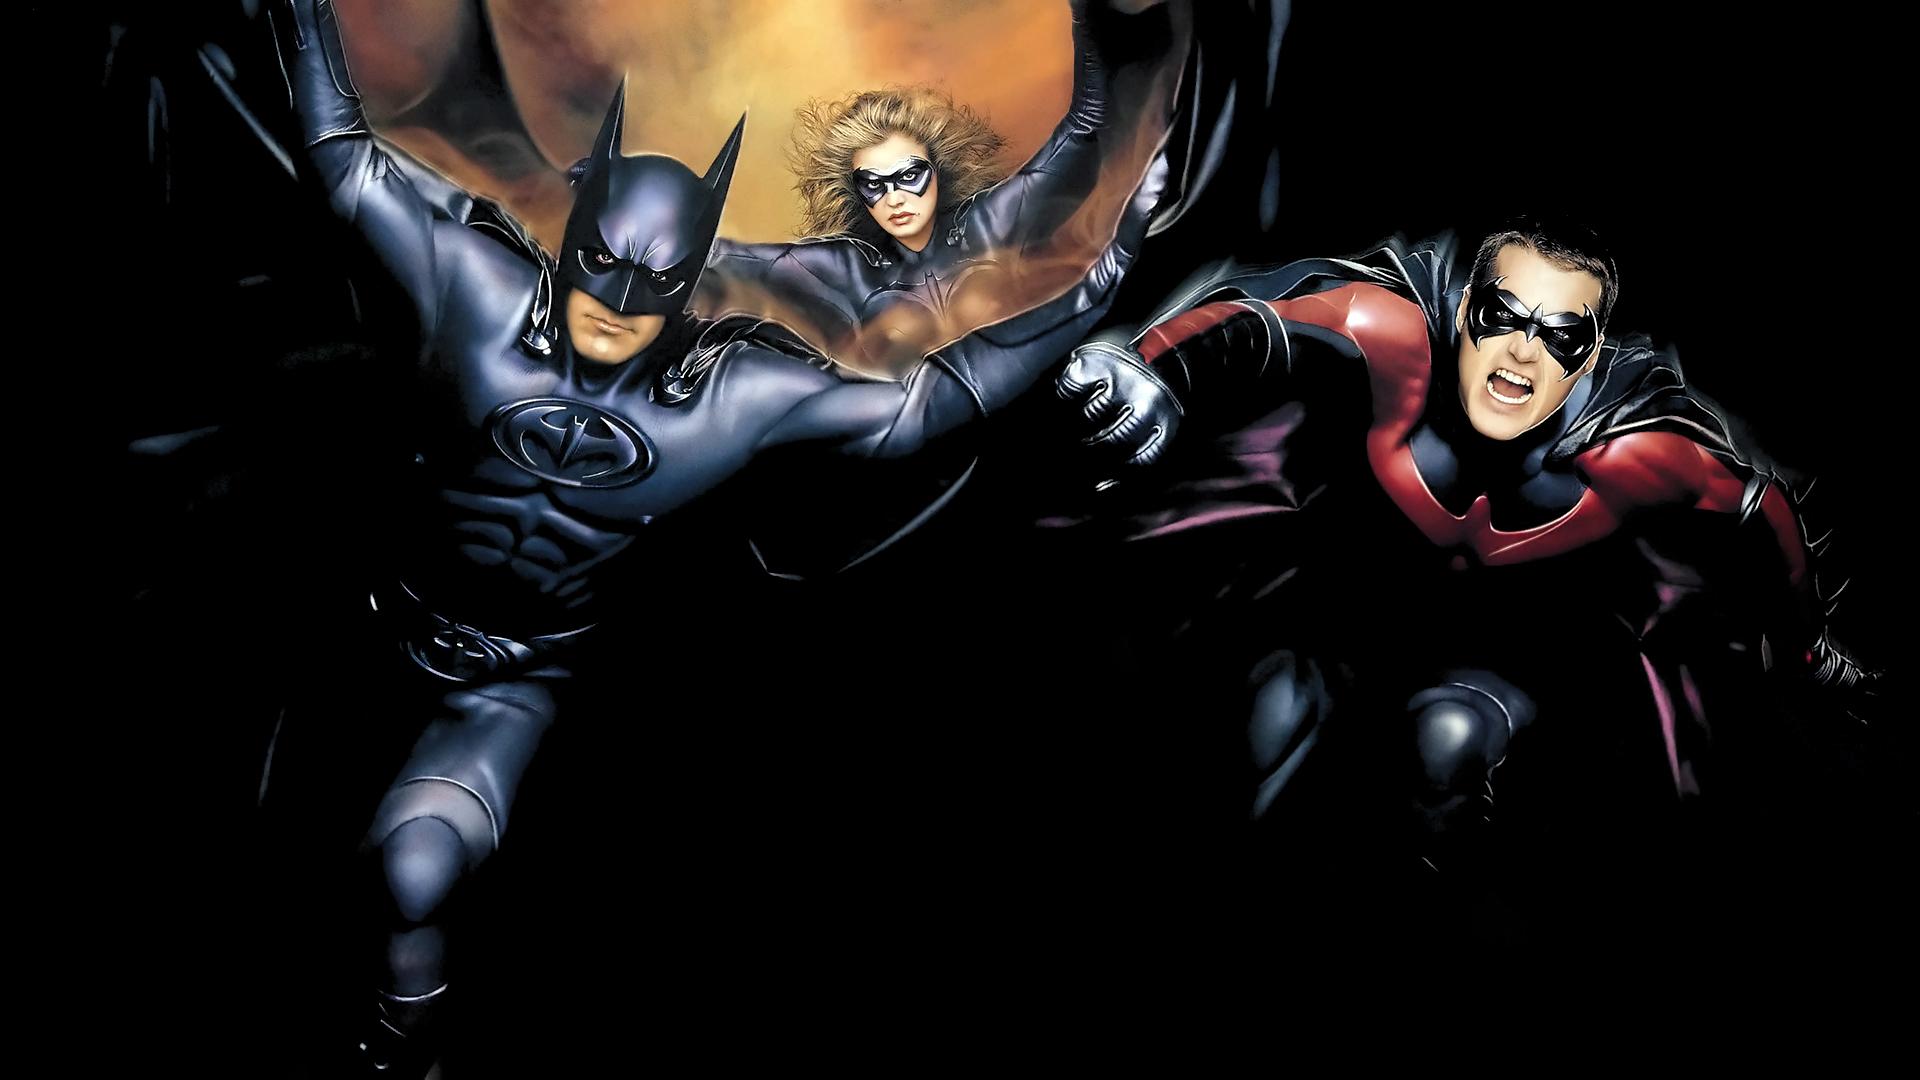 Resultado de imagem para Batman & Robin film